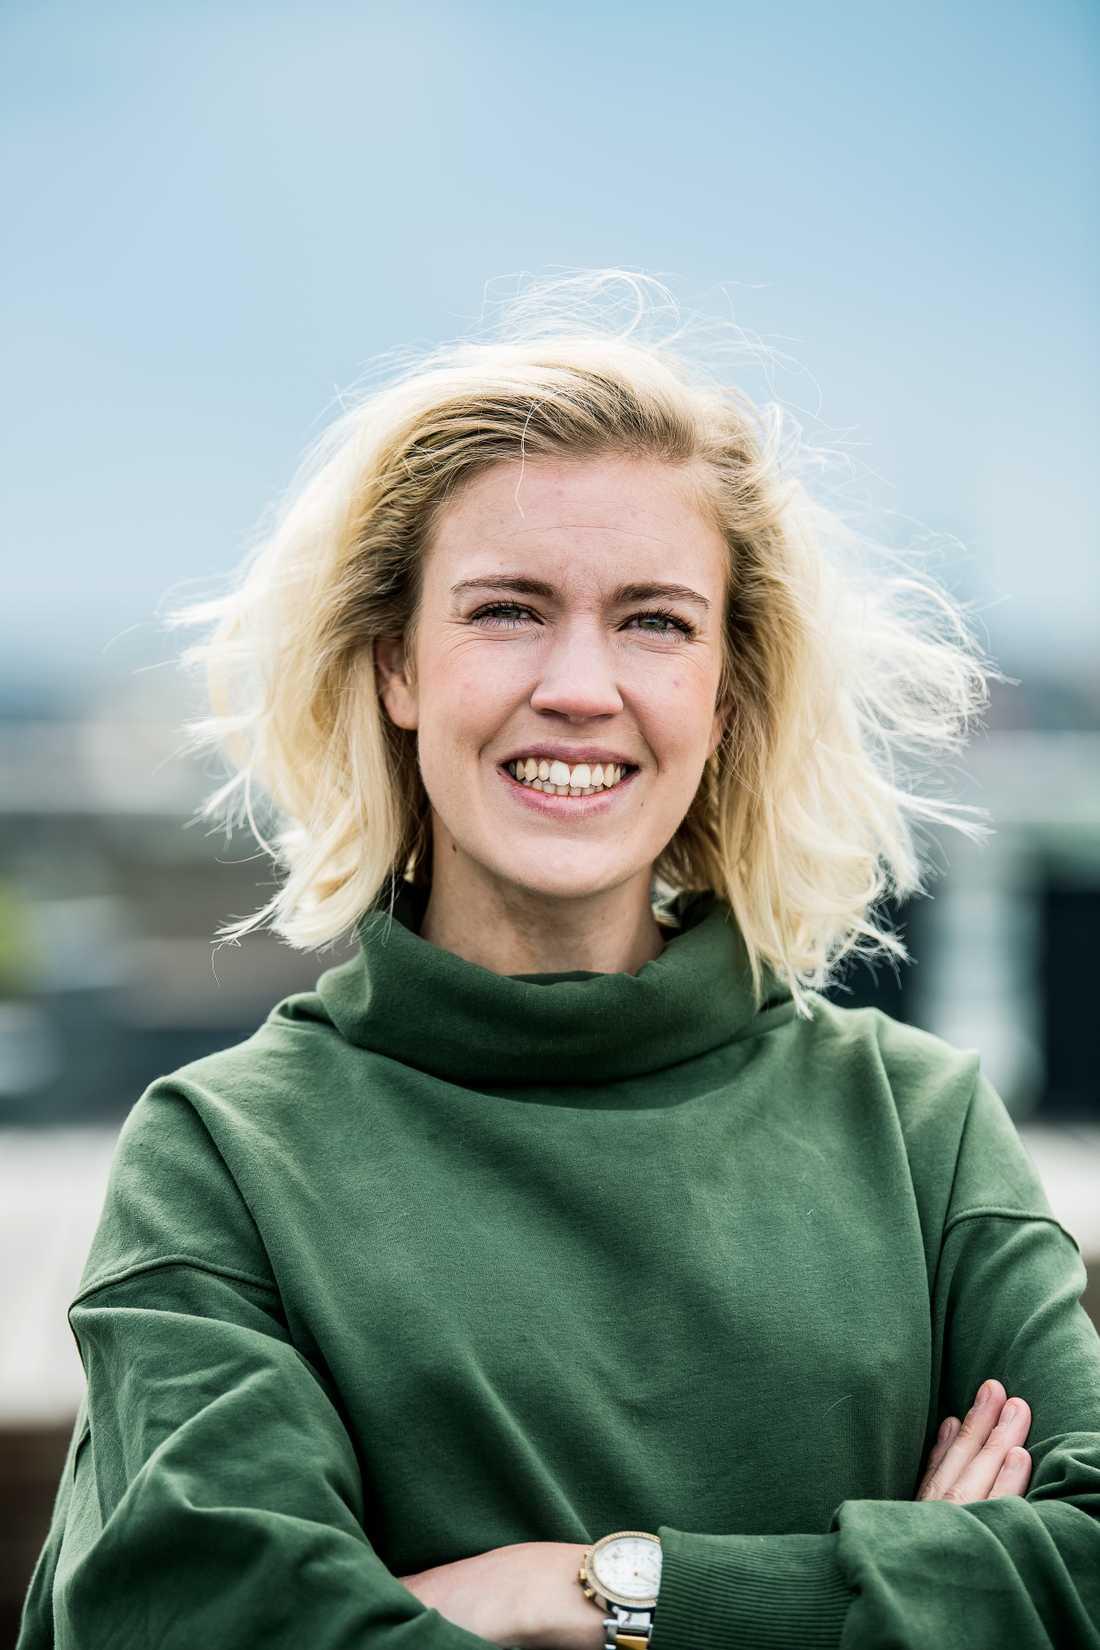 Victoria Voss Bignet, 30, är doktorand i hälsosam och hållbar mat vid Stockholms universitet.